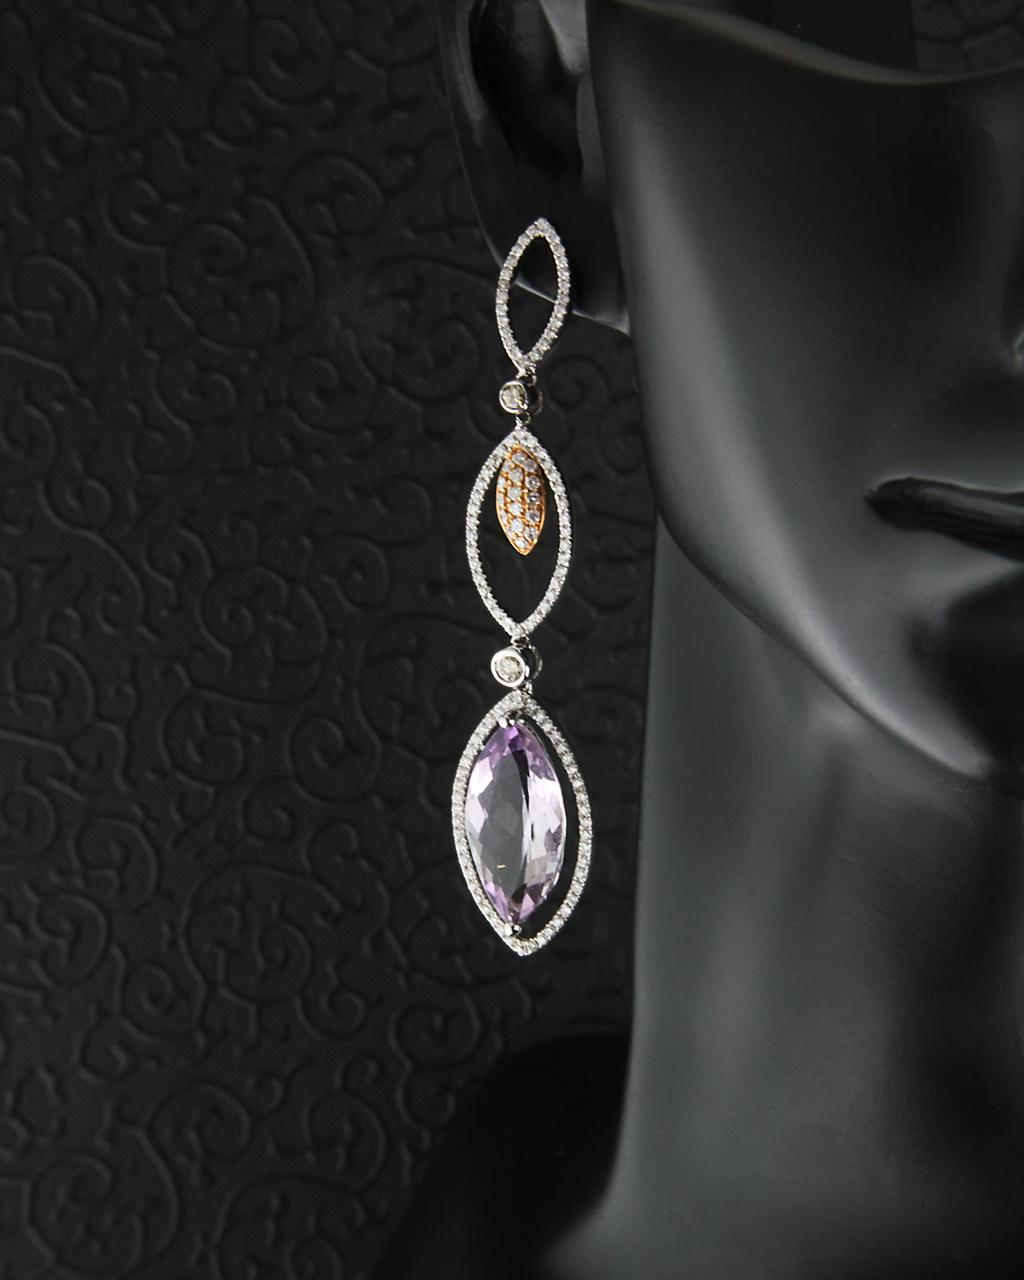 Σκουλαρίκια από λευκόχρυσο Κ18 με Διαμάντια & Αμέθυστο   γυναικα σκουλαρίκια σκουλαρίκια λευκόχρυσα